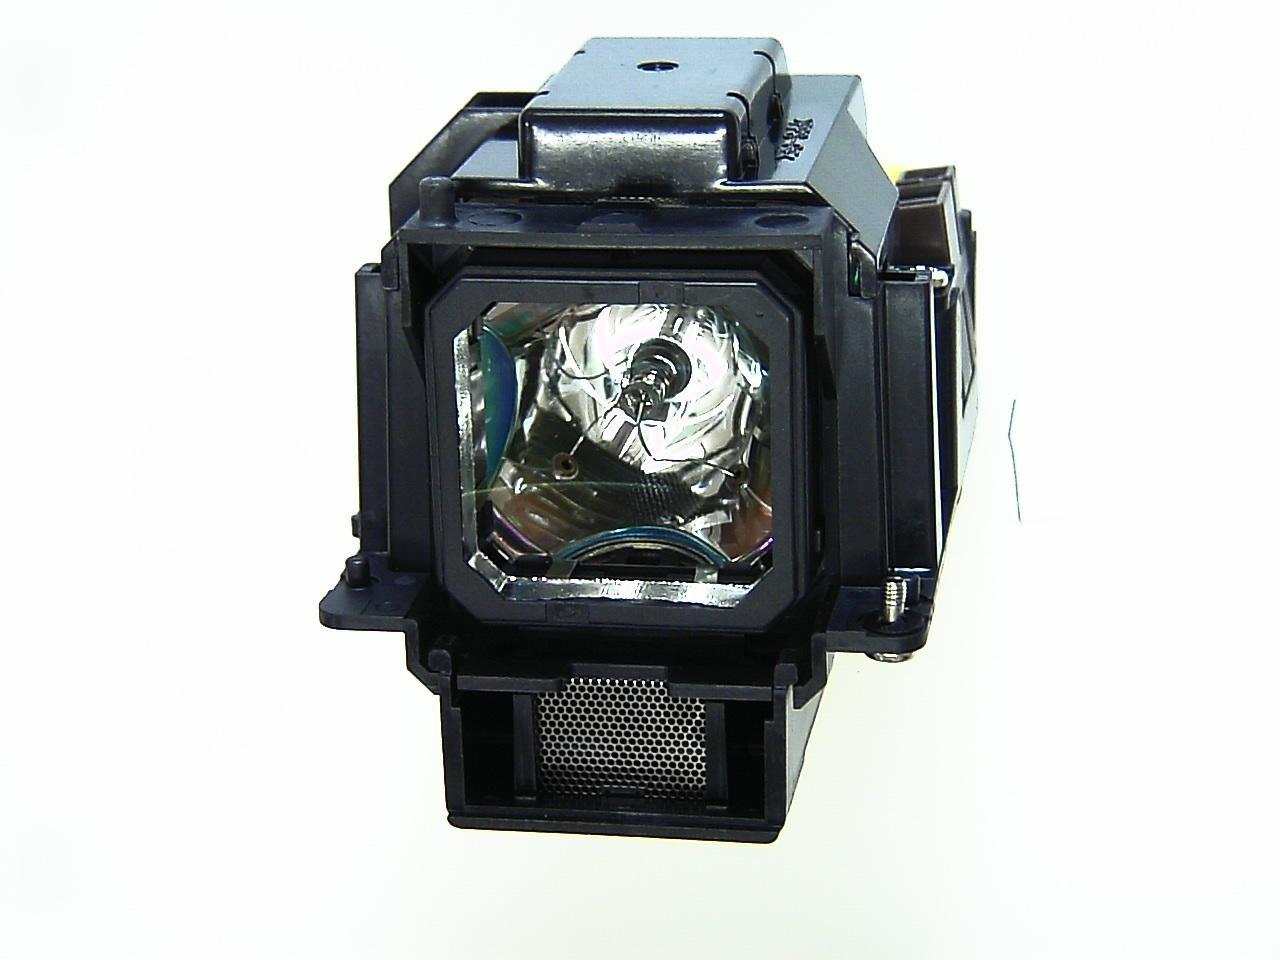 Lámpara NEC LT280